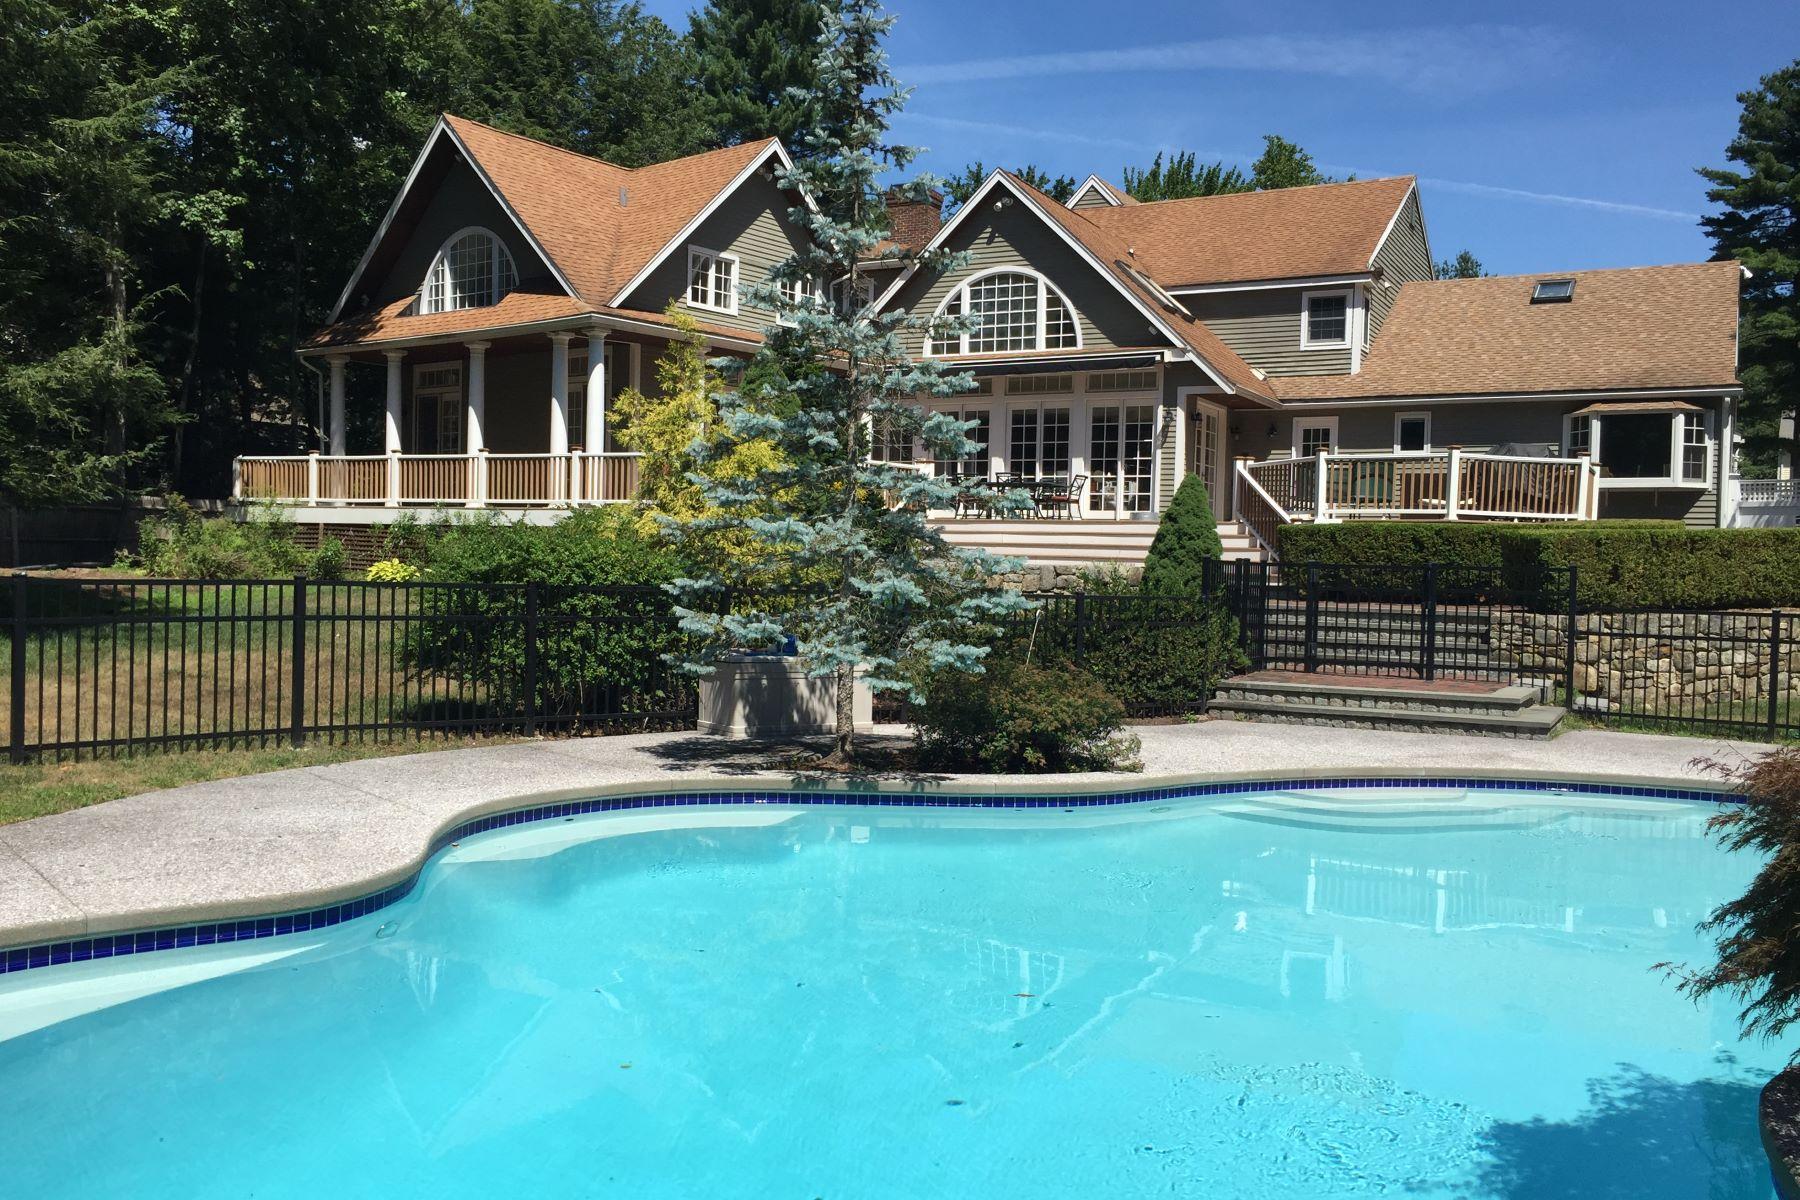 独户住宅 为 销售 在 10 Dover Farm Rd, Medfield 麦德菲尔德, 马萨诸塞州 02052 美国